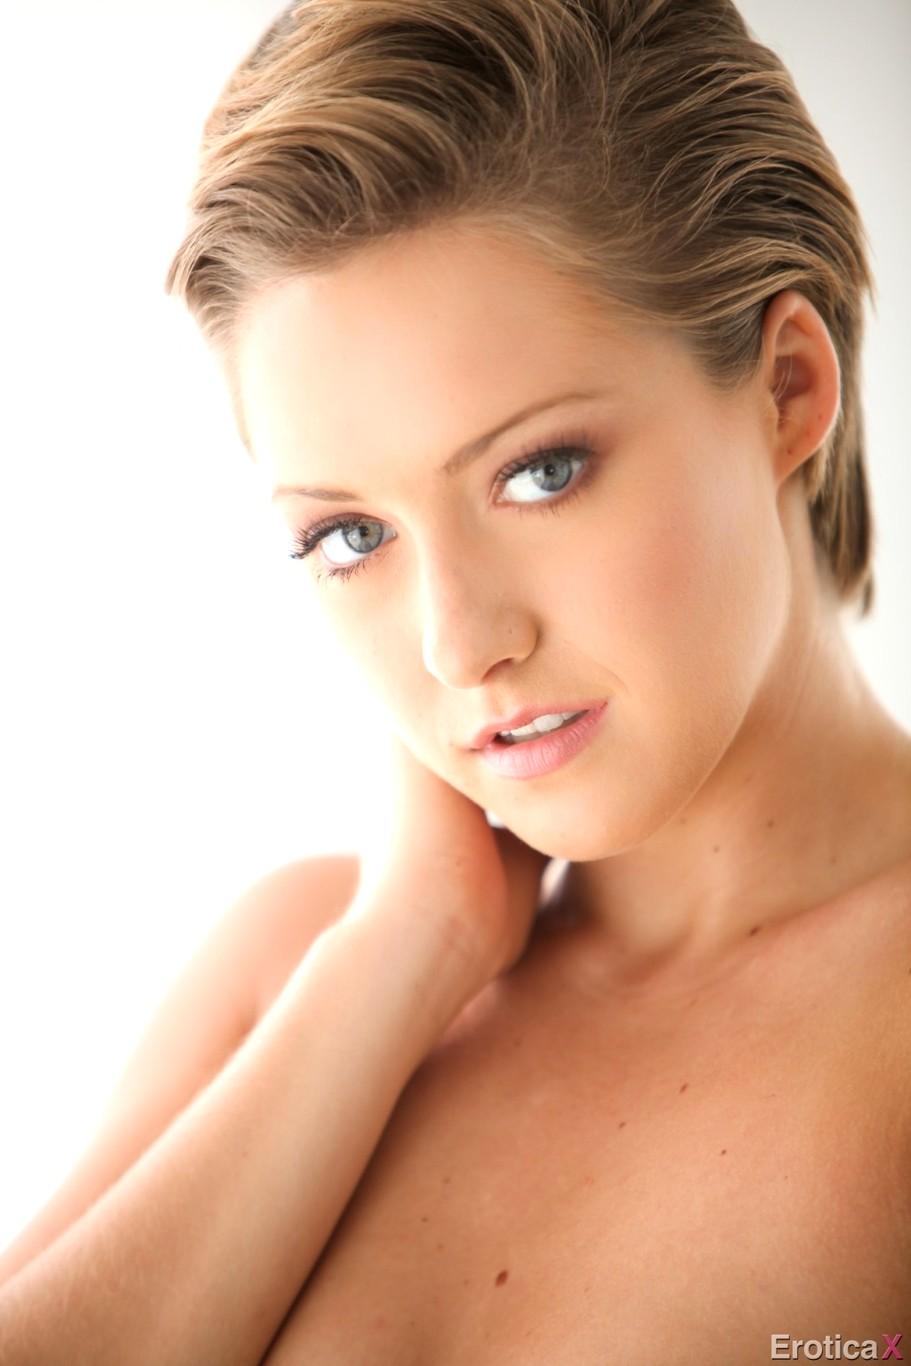 x erotica Bailey bae